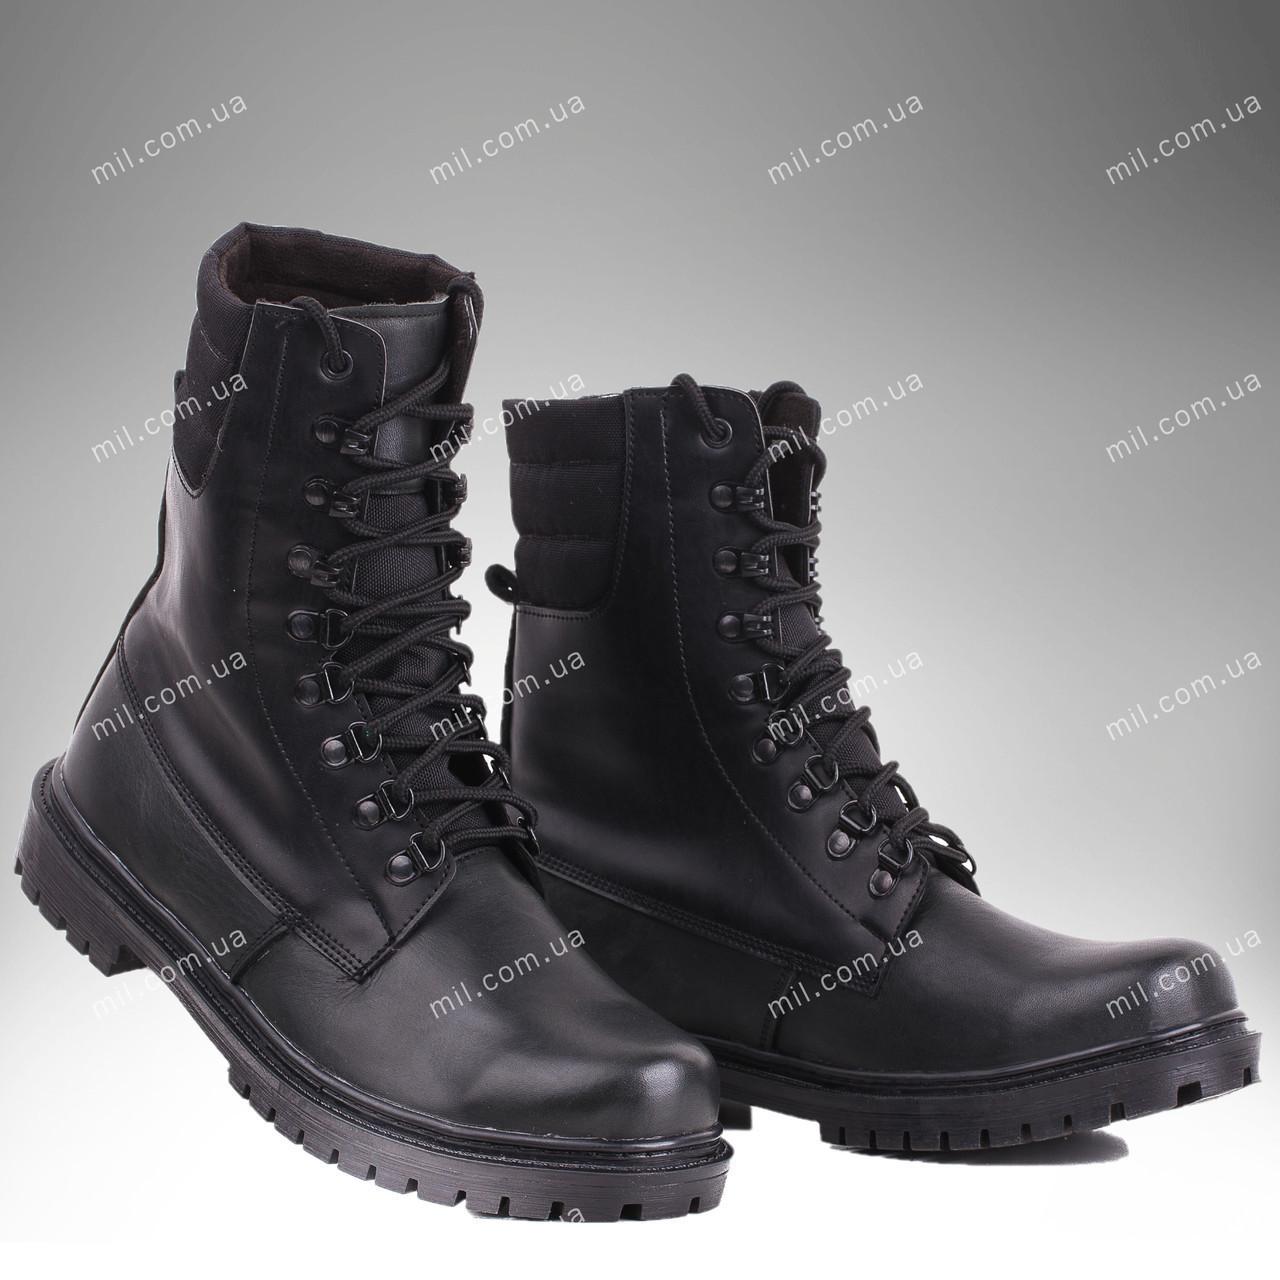 Берцы зимние / военная, рабочая обувь ШТУРМ (black)